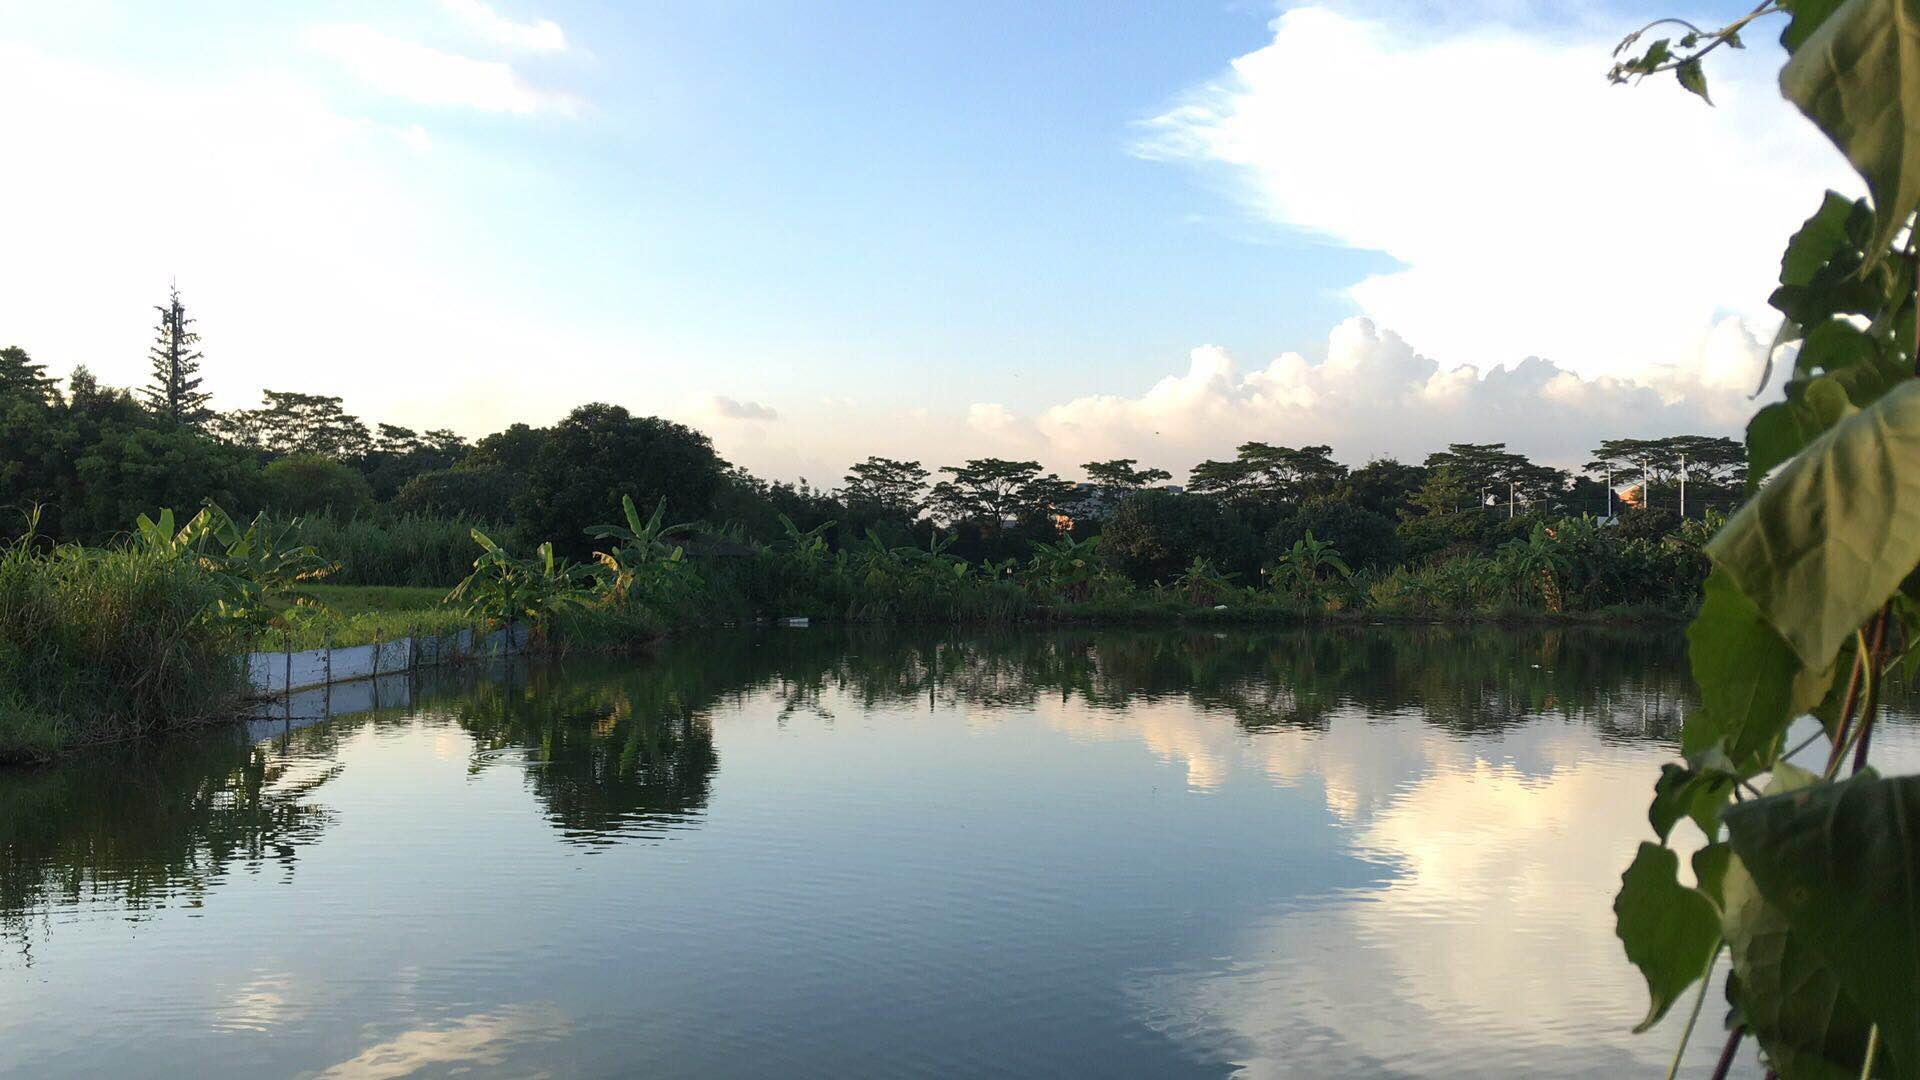 绿野生态园环境